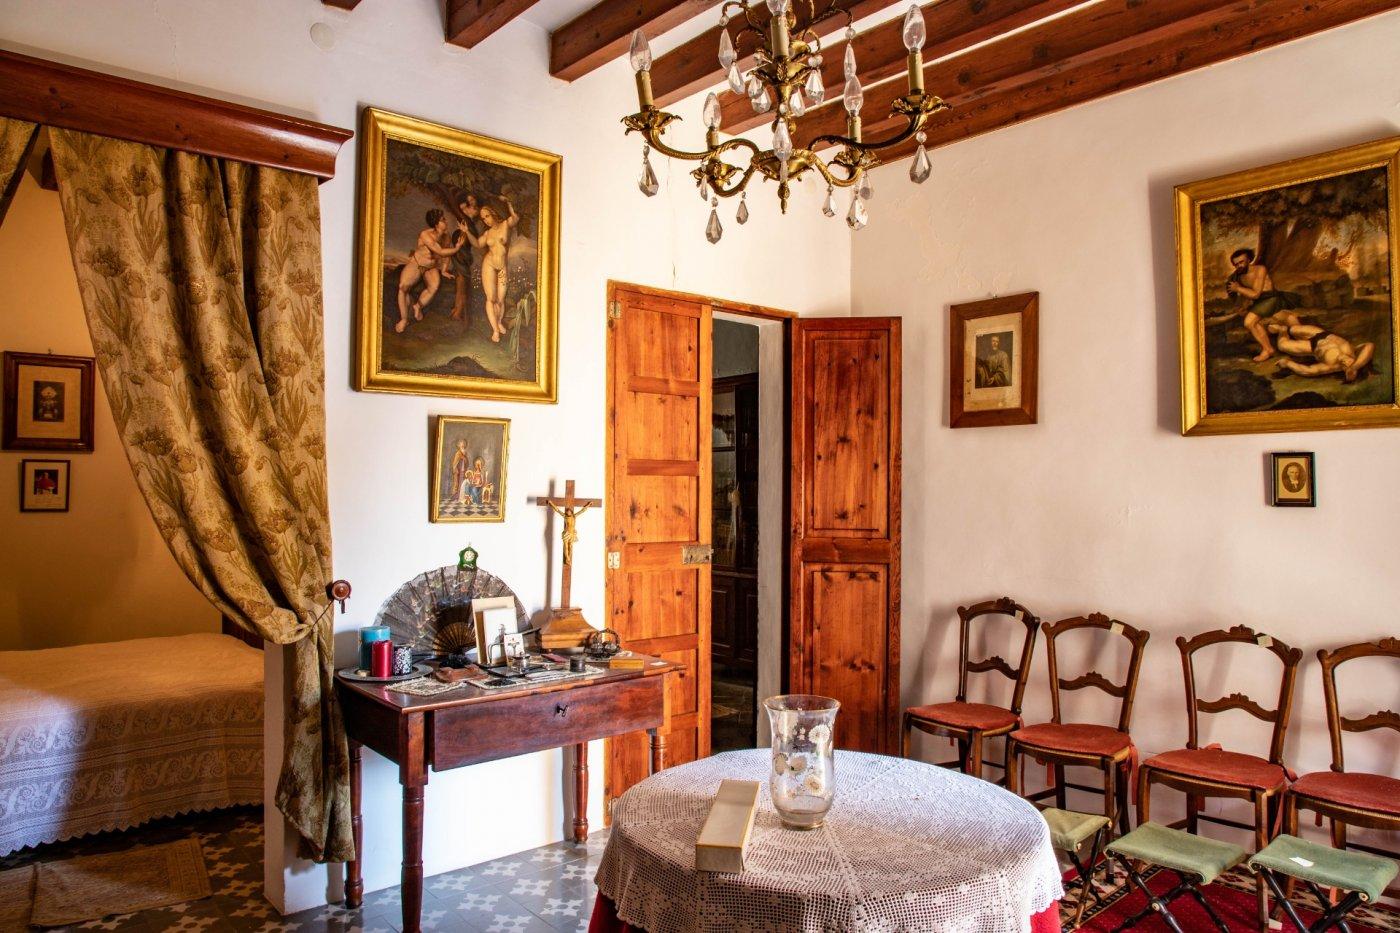 En venta excelente casa en el centro de pollensa - imagenInmueble18